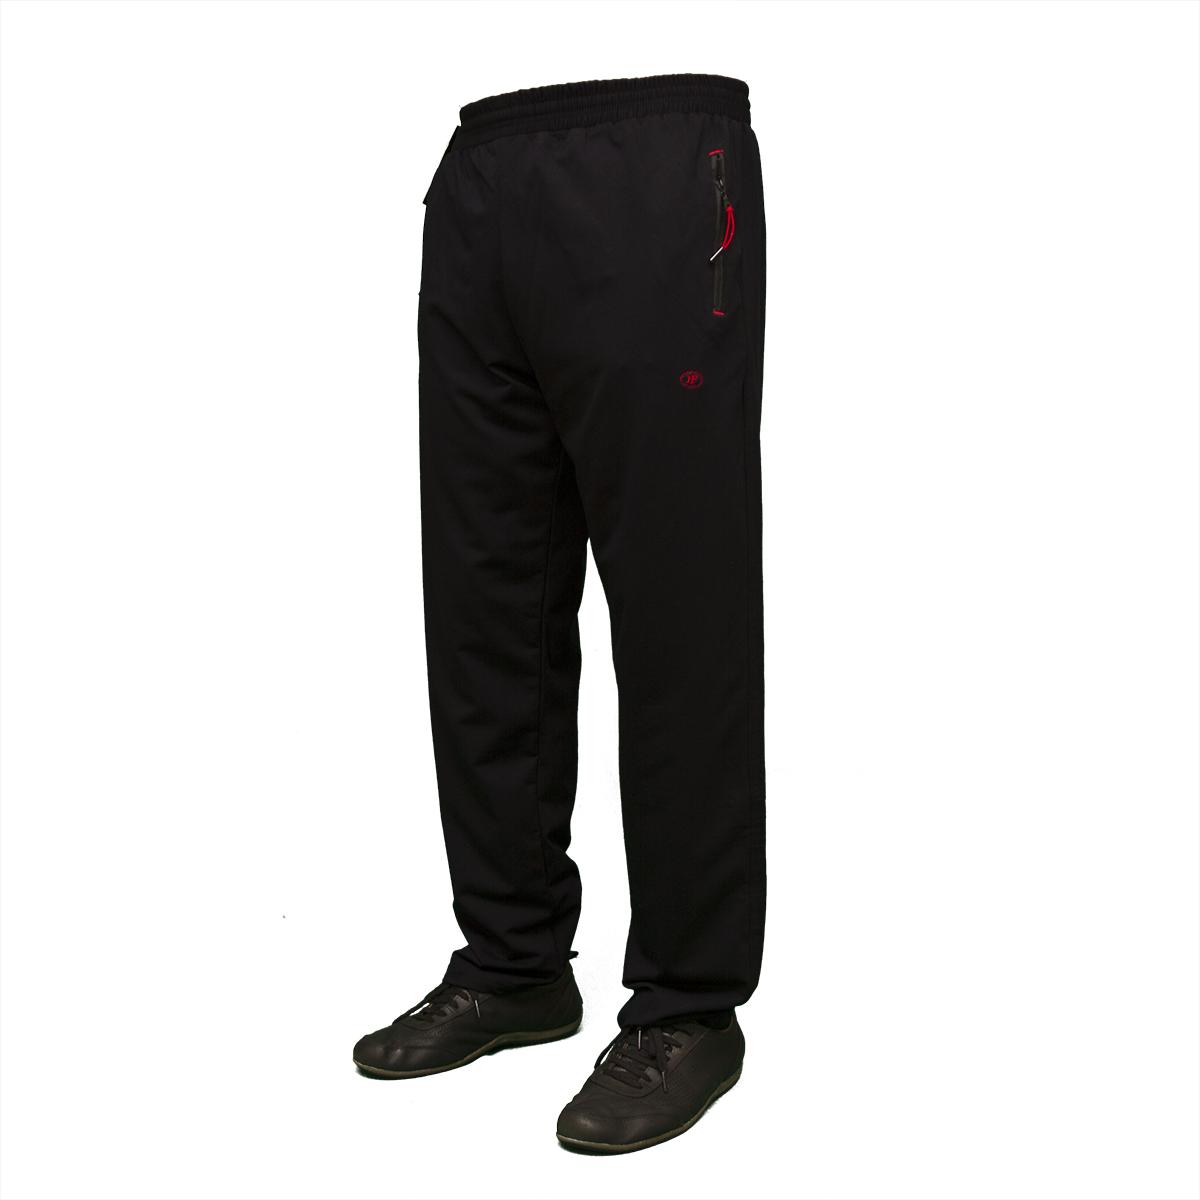 Мужские брюки больших размеров в интернет магазине пр-во. Турция 4627G